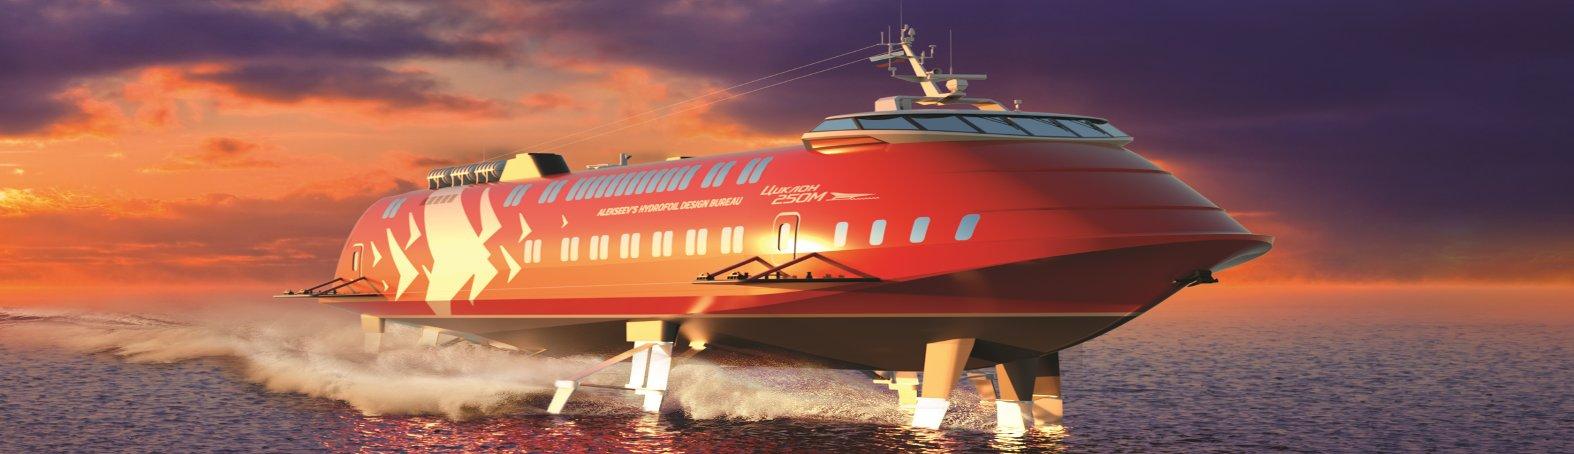 Russian Civil Shipbuilding Sector - Page 9 Sl3_Ksx8TCD